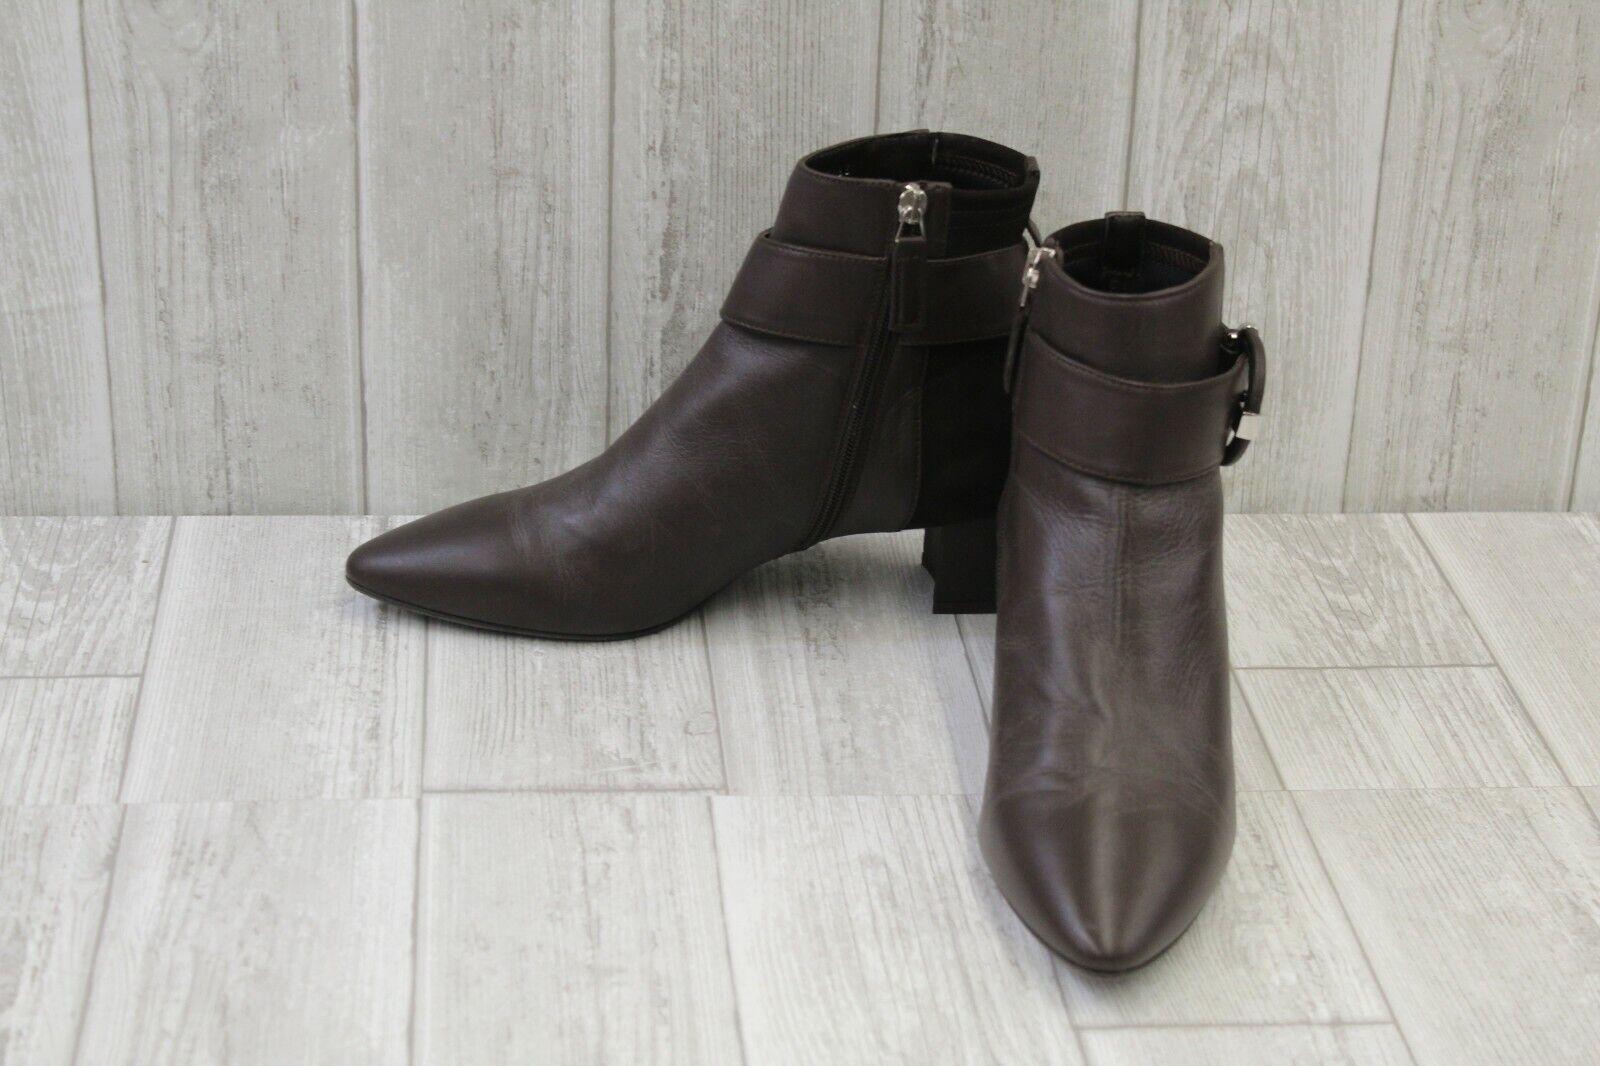 la migliore moda Aquatalia Phiona Polished Leather Pointed Toe stivali, Donna    11M, Espresso NEW  punto vendita